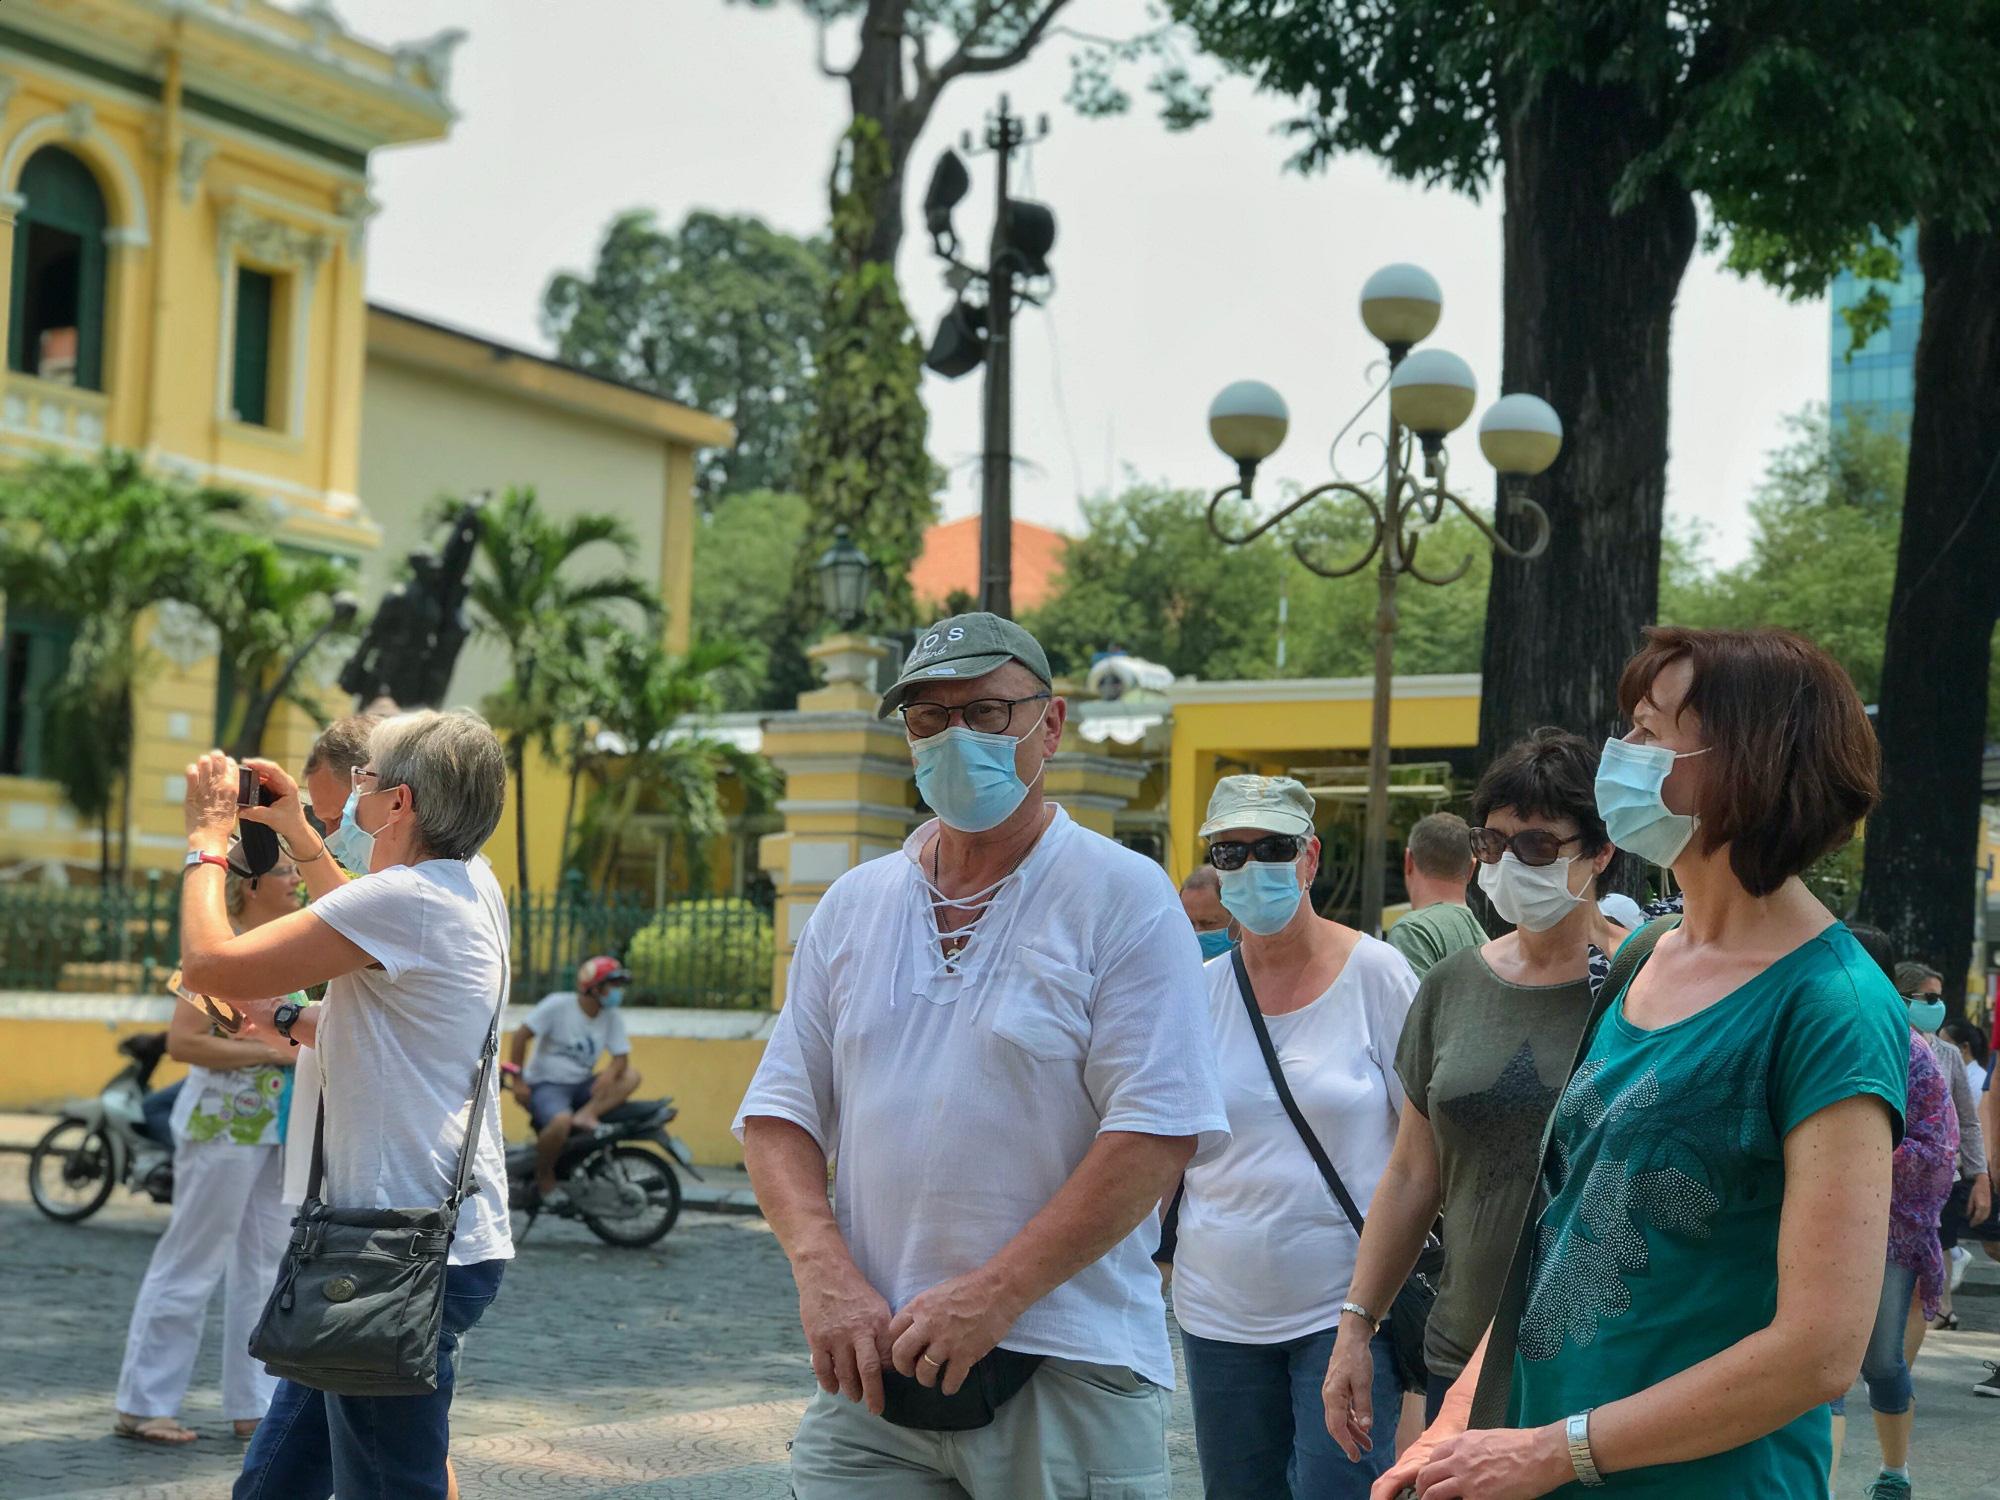 Các điểm du lịch tại TP.HCM vắng hoàn toàn sau quyết định dừng nhập cảnh người nước ngoài vào Việt Nam - Ảnh 3.